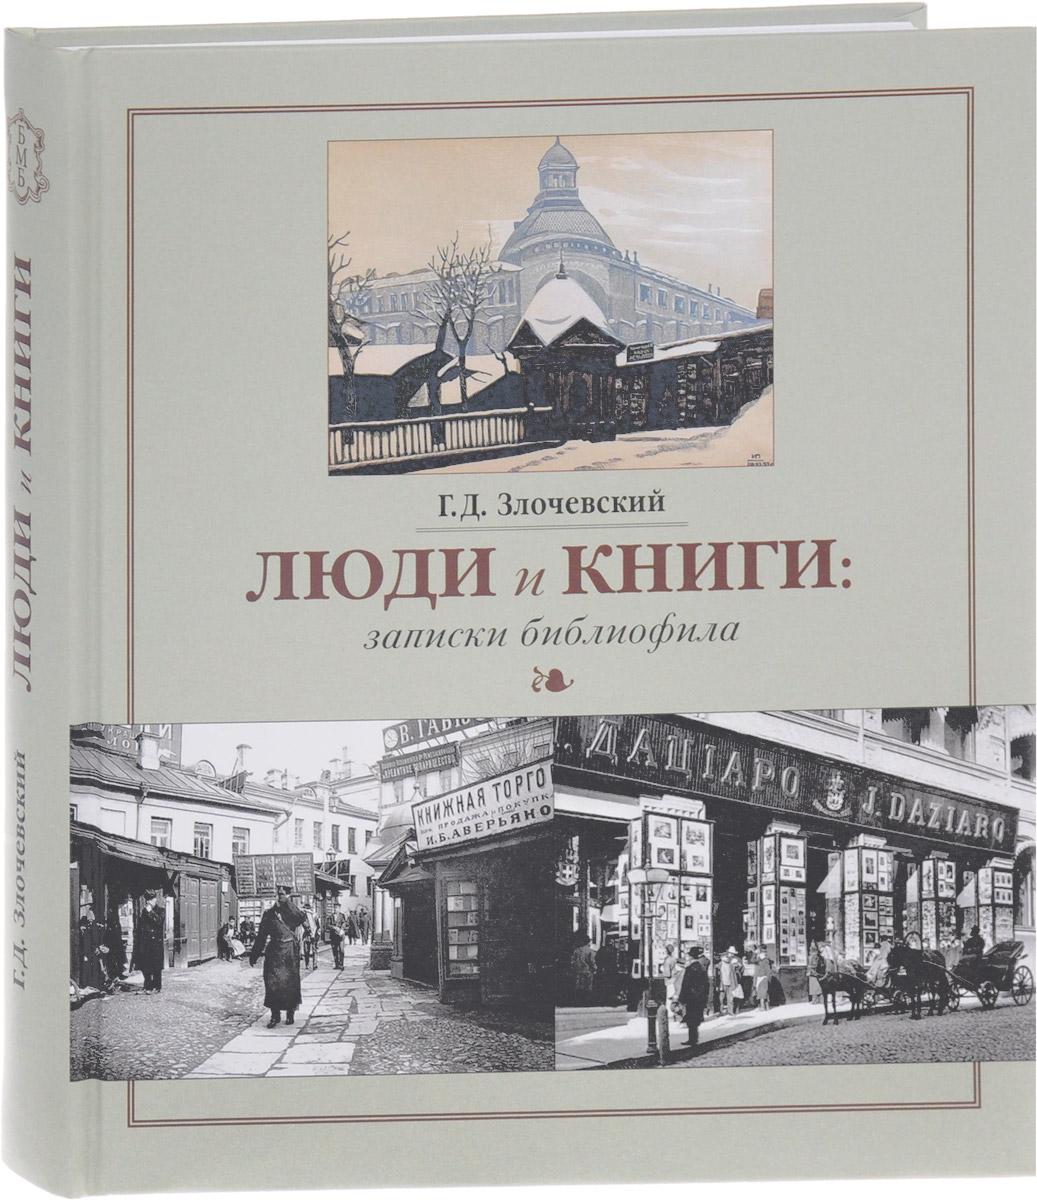 Люди и книги. Записки библиофила. Г. Д. Злочевский